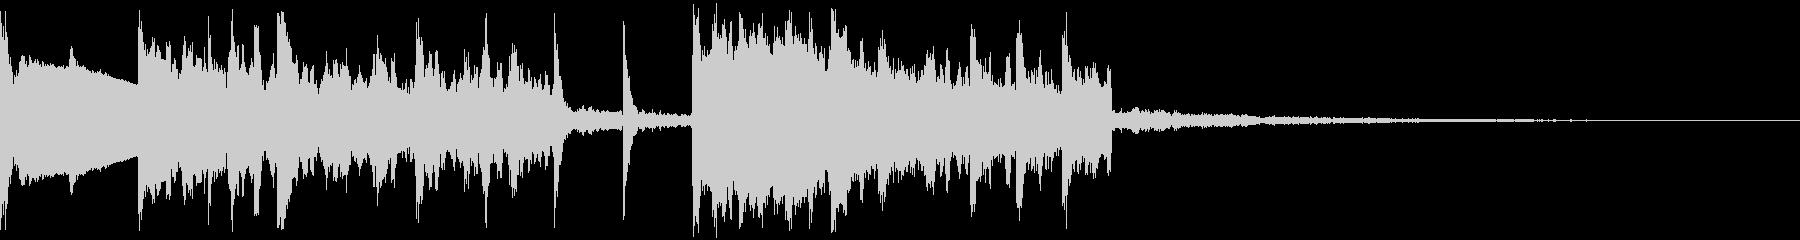 キャッチーなトラップジングル10の未再生の波形